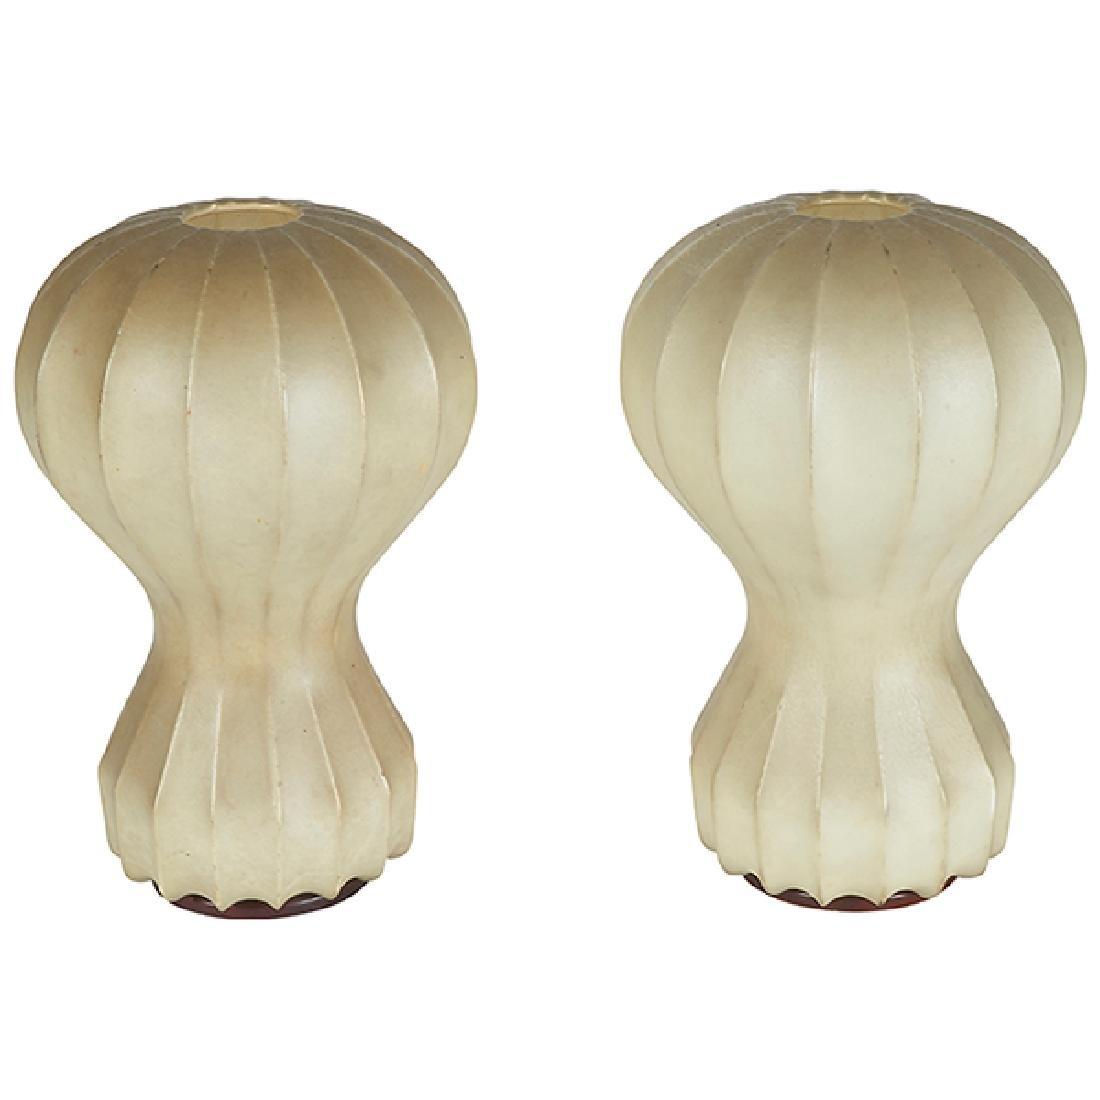 Achille Castiglioni for Flos Gatto Piccolo lamps pair